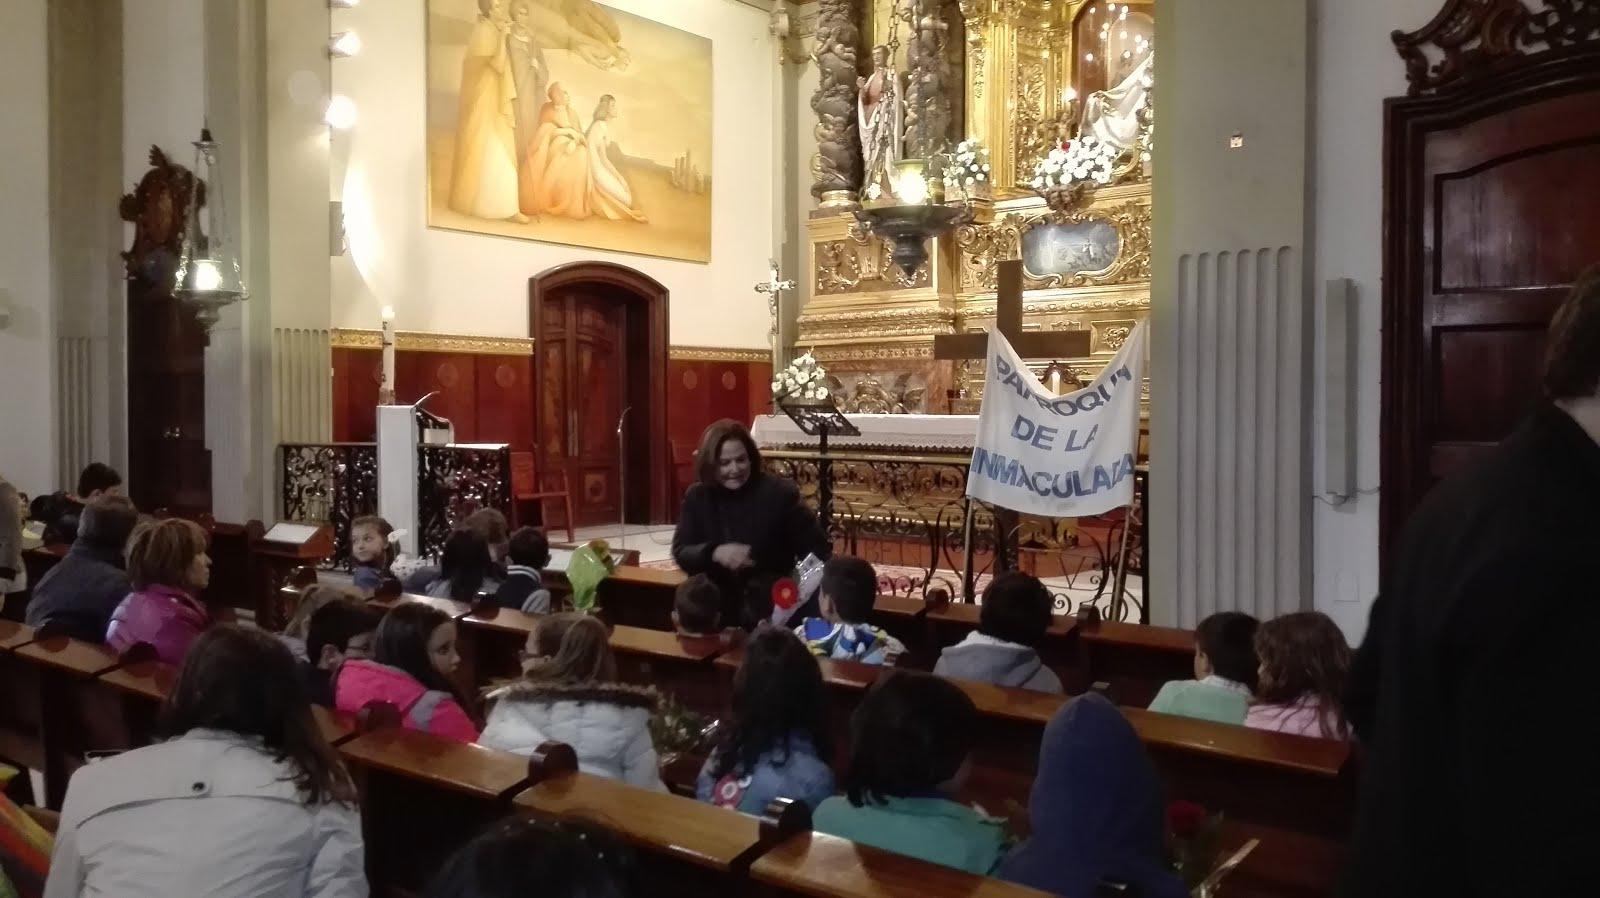 Peregrinació de la parròquia de la Immaculada de Reus (30-4-2016)